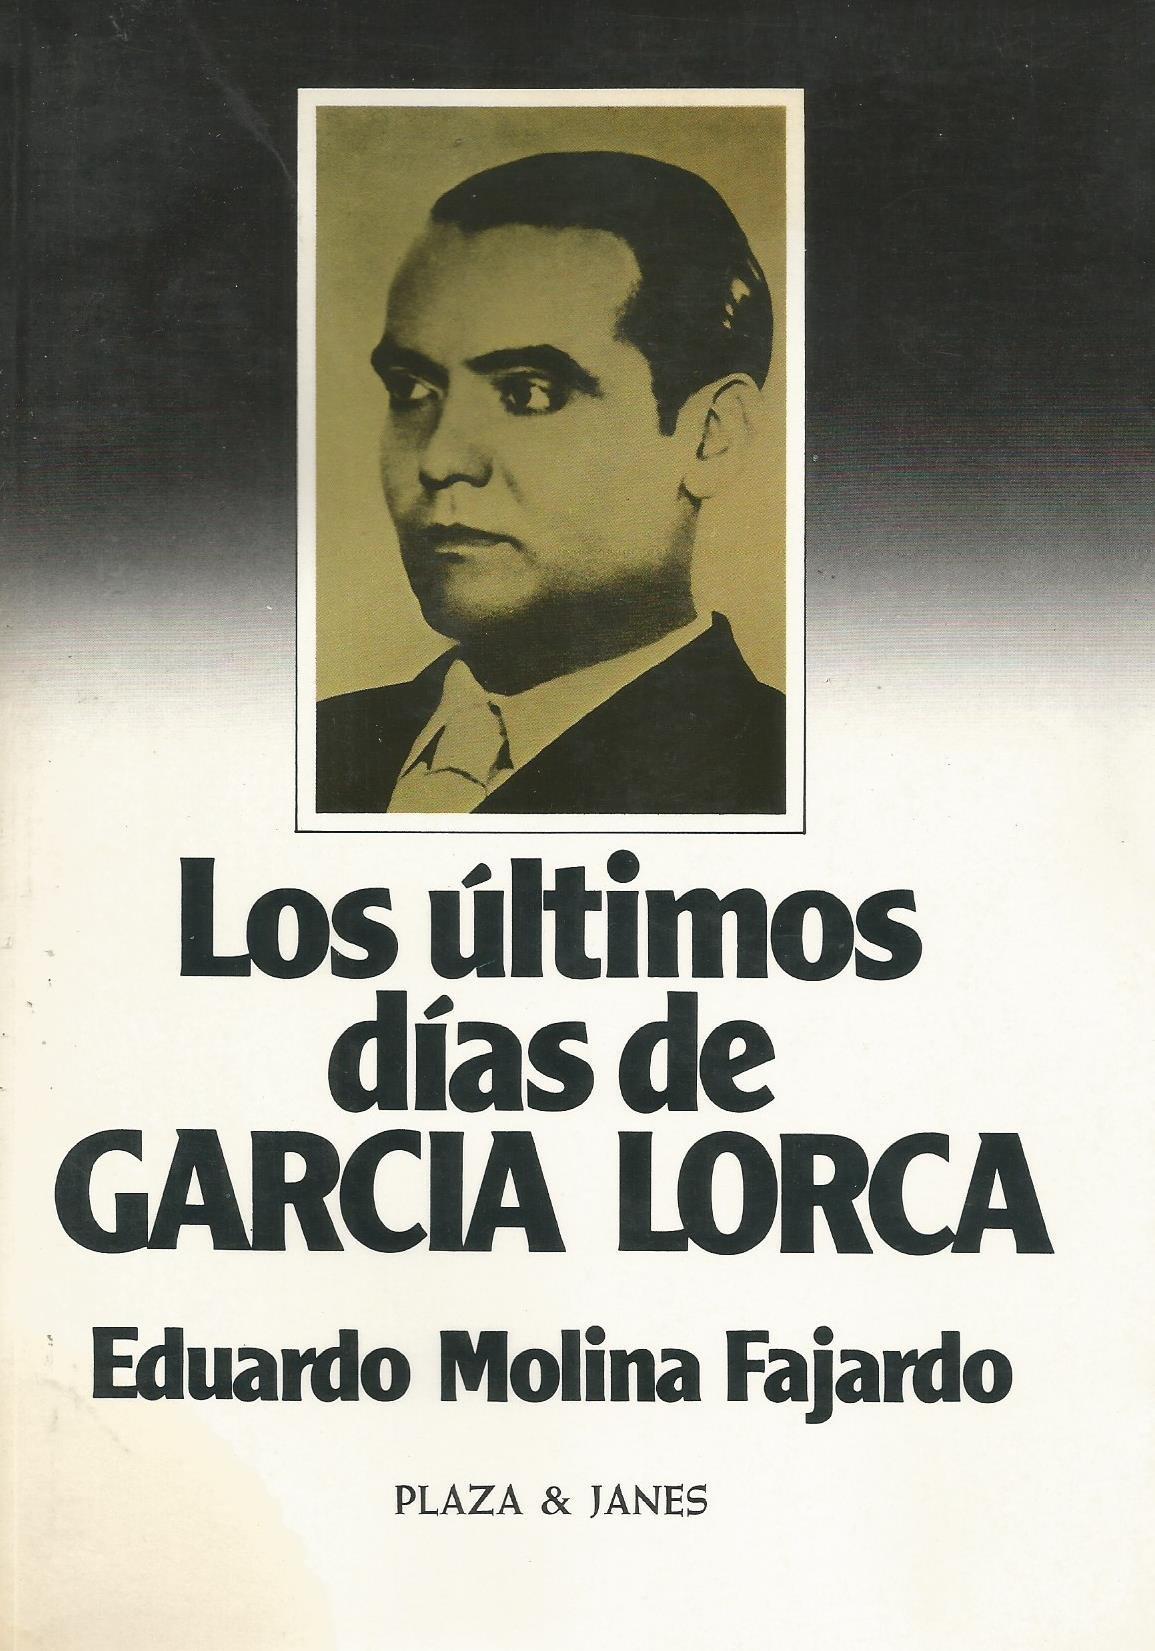 Portada del libro de Eduardo Molina Fajardo 'Los últimos días de García Lorca'.